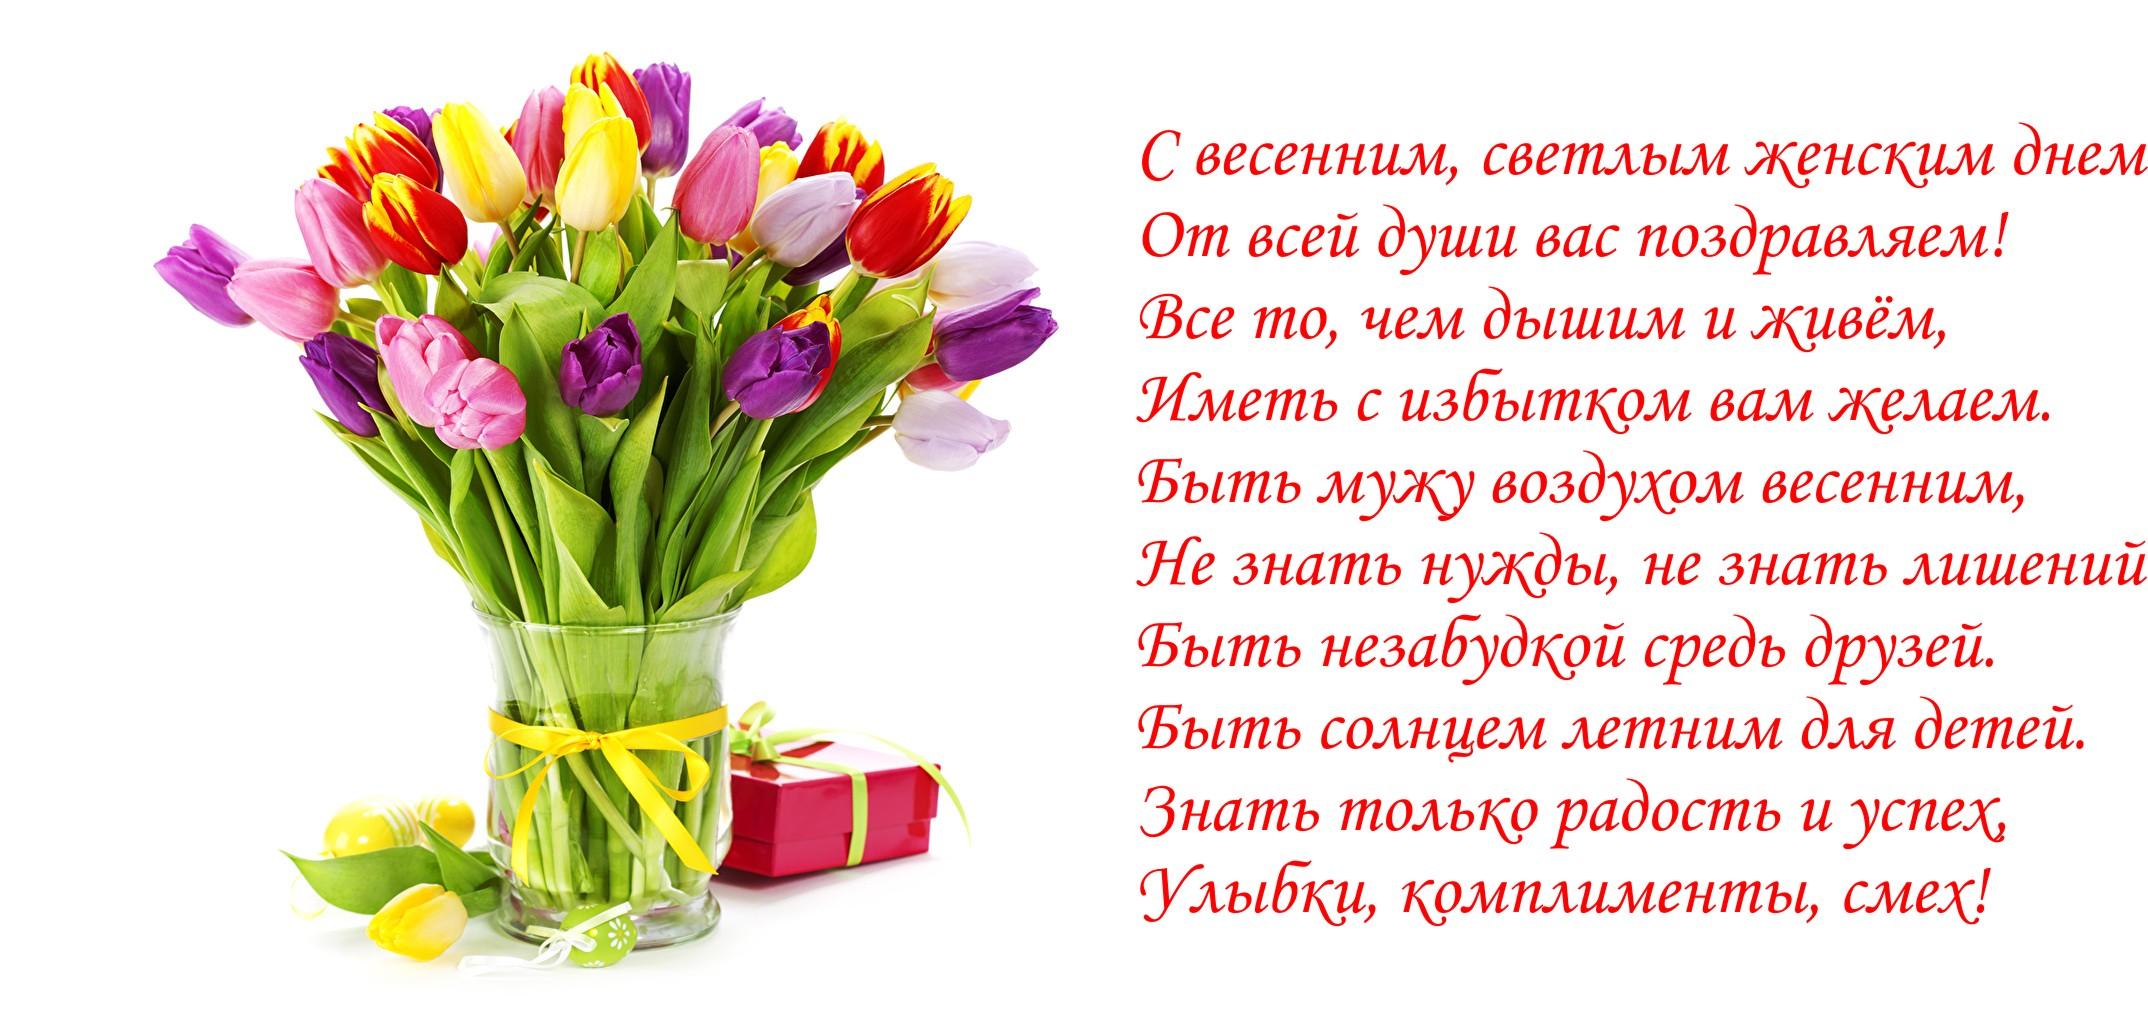 Поздравление учителей с 8 марта